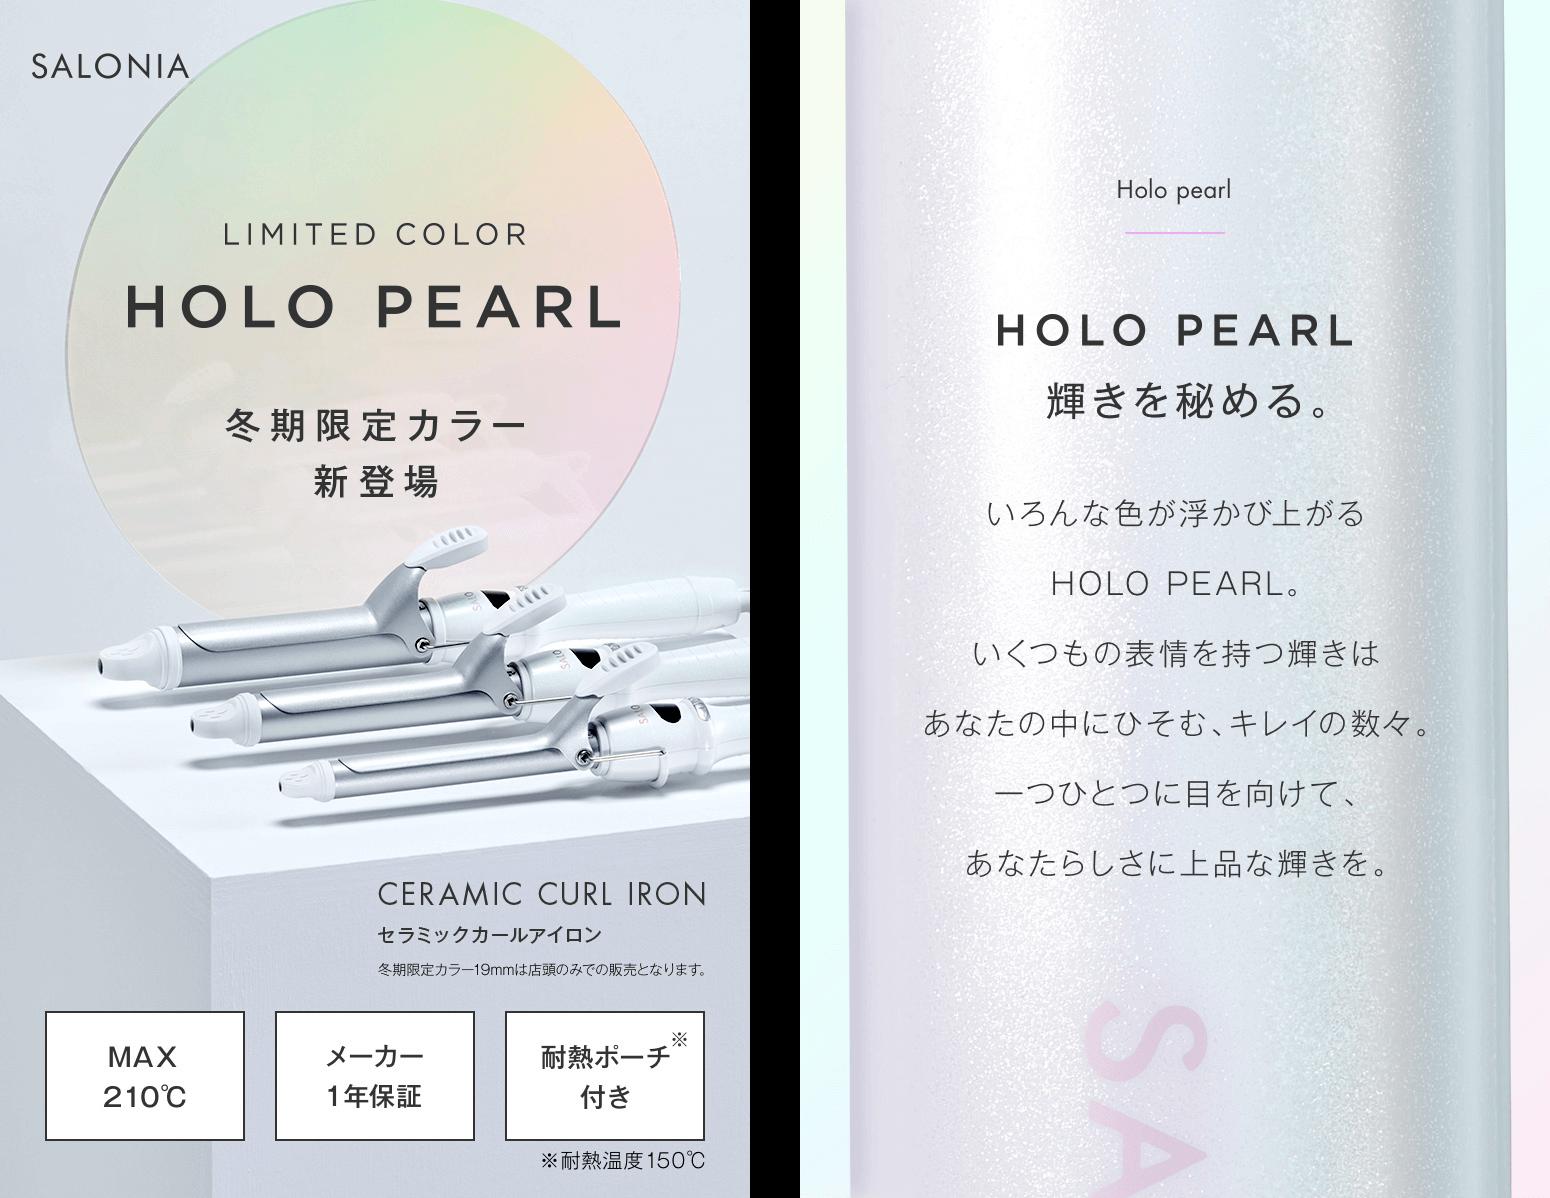 I-ne「SALONIA ヘアアイロン HOLO PEARL」ランディングページ スマートフォン版